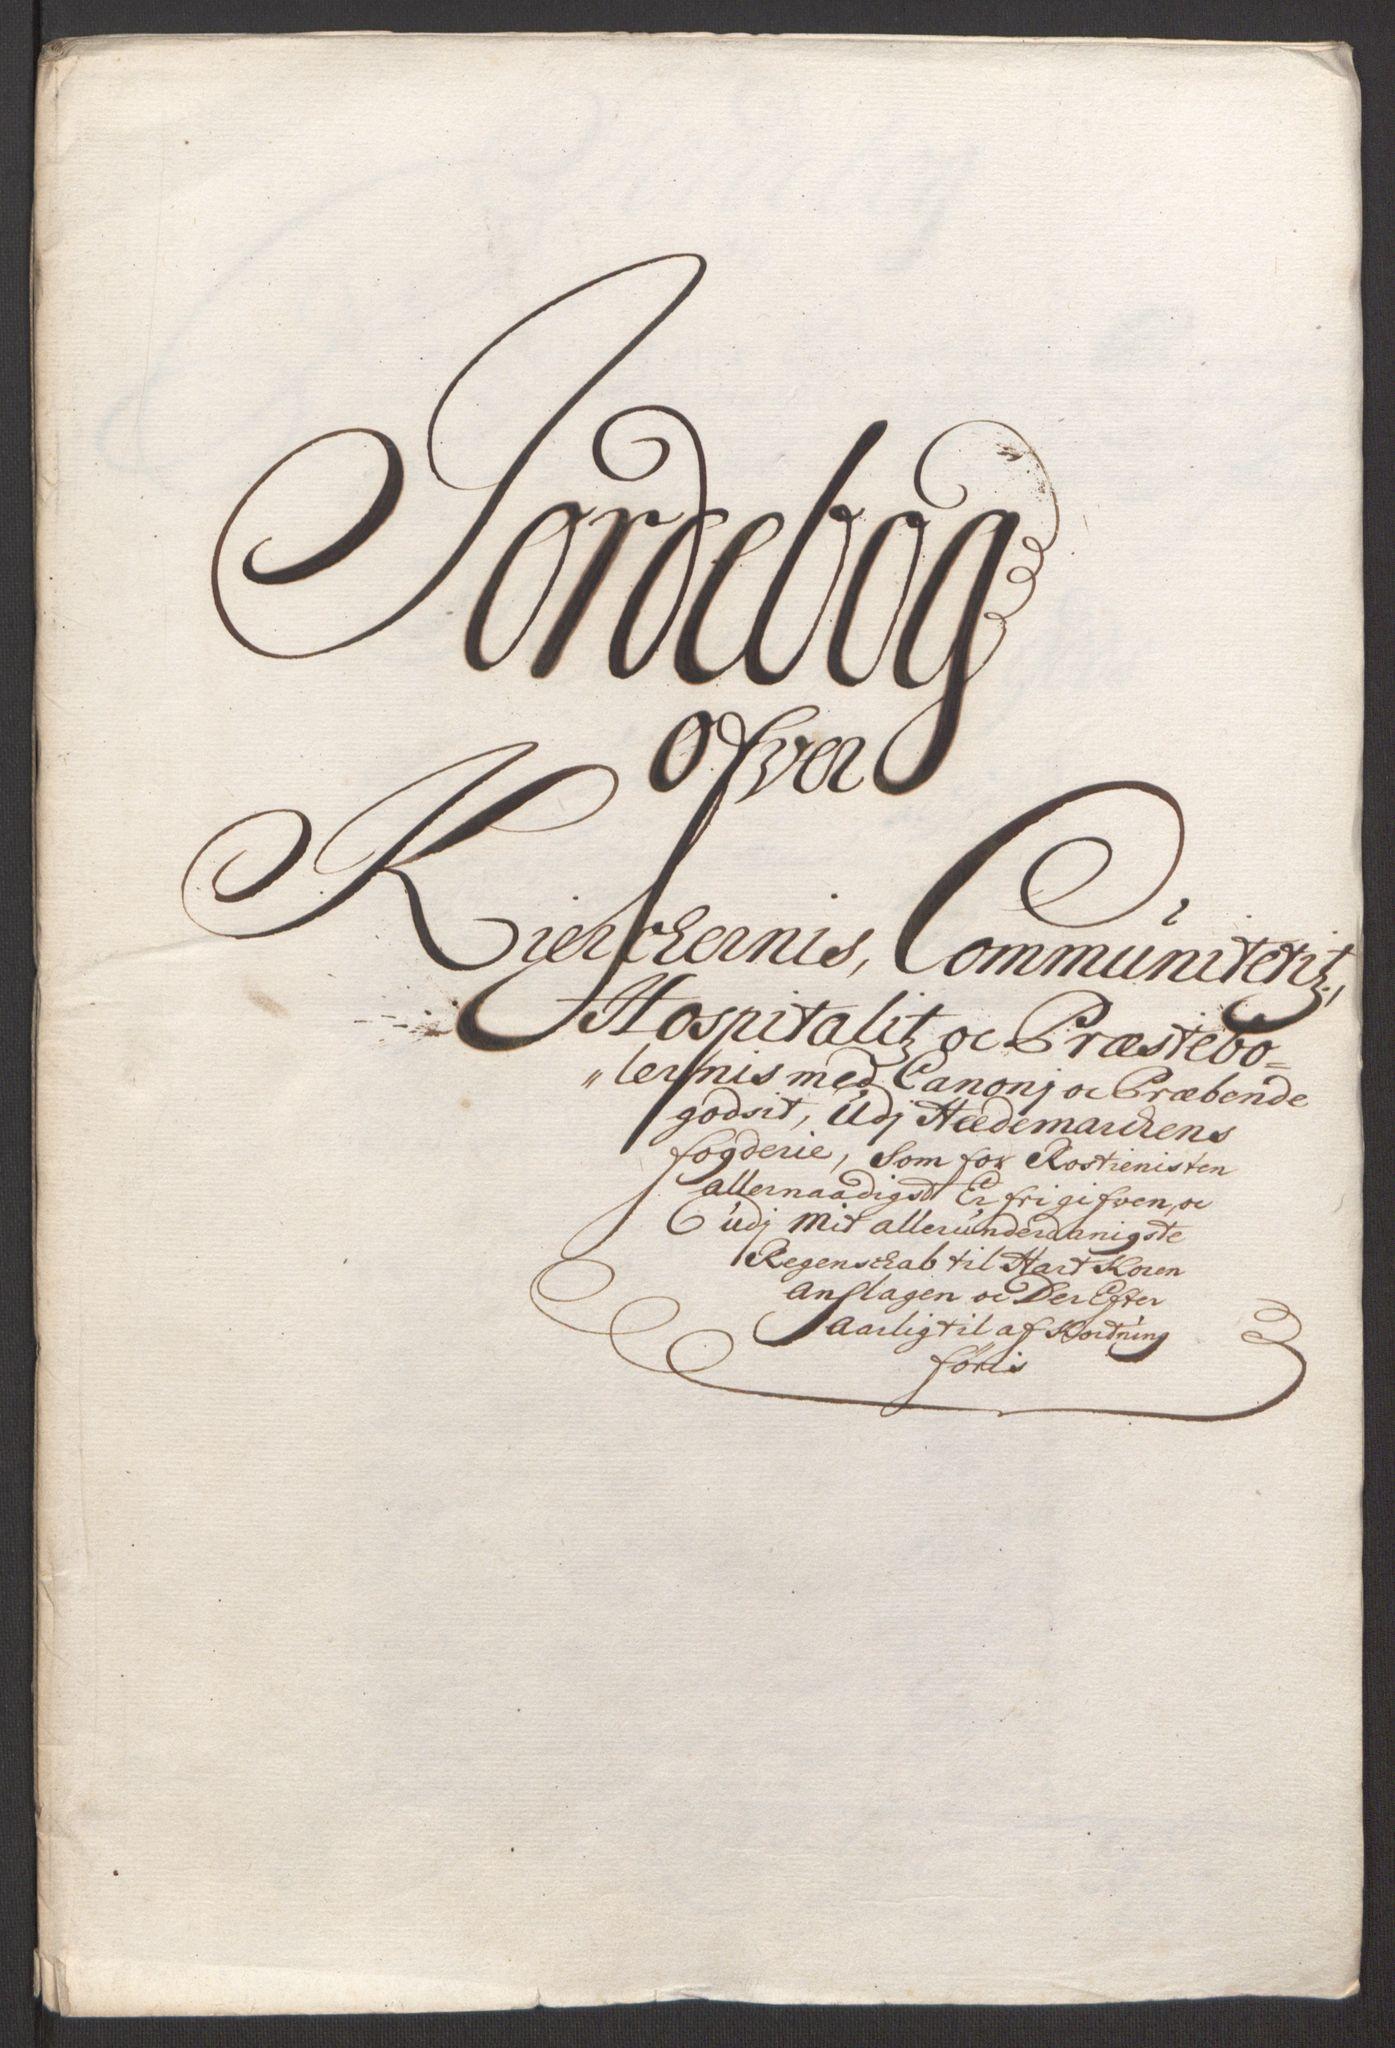 RA, Rentekammeret inntil 1814, Reviderte regnskaper, Fogderegnskap, R16/L1034: Fogderegnskap Hedmark, 1693, s. 85